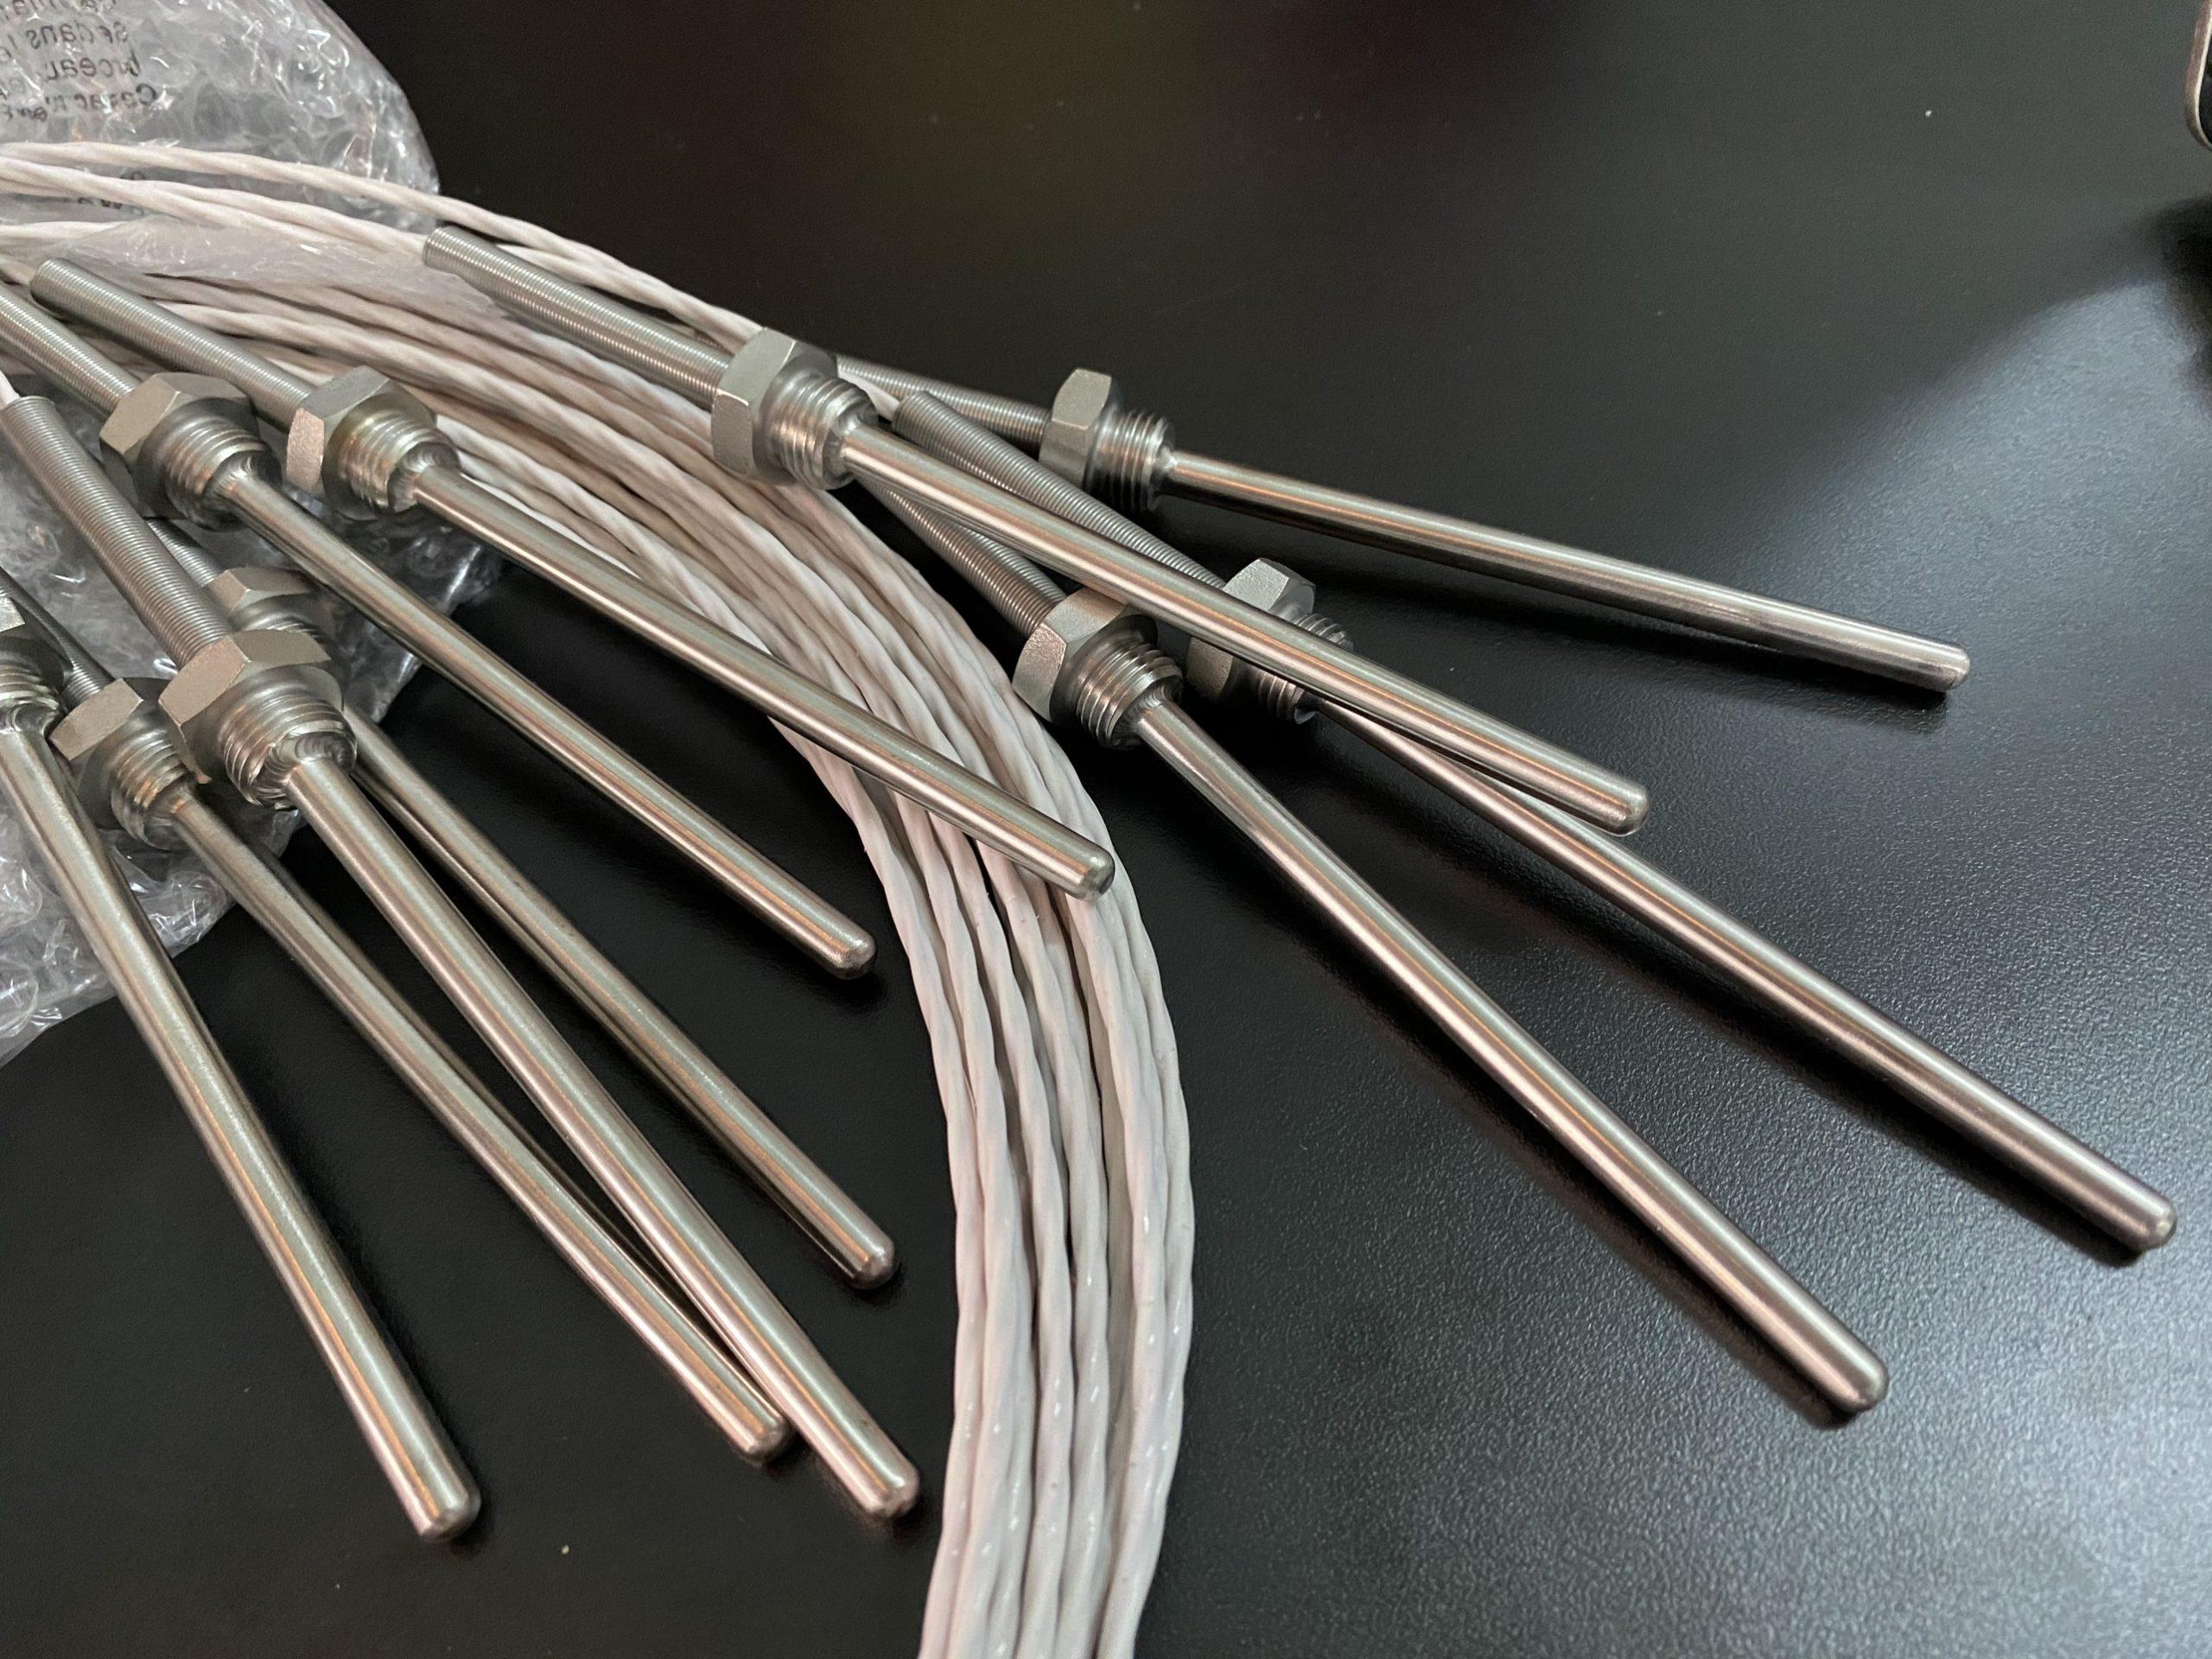 đầu dò pt100 dạng dây